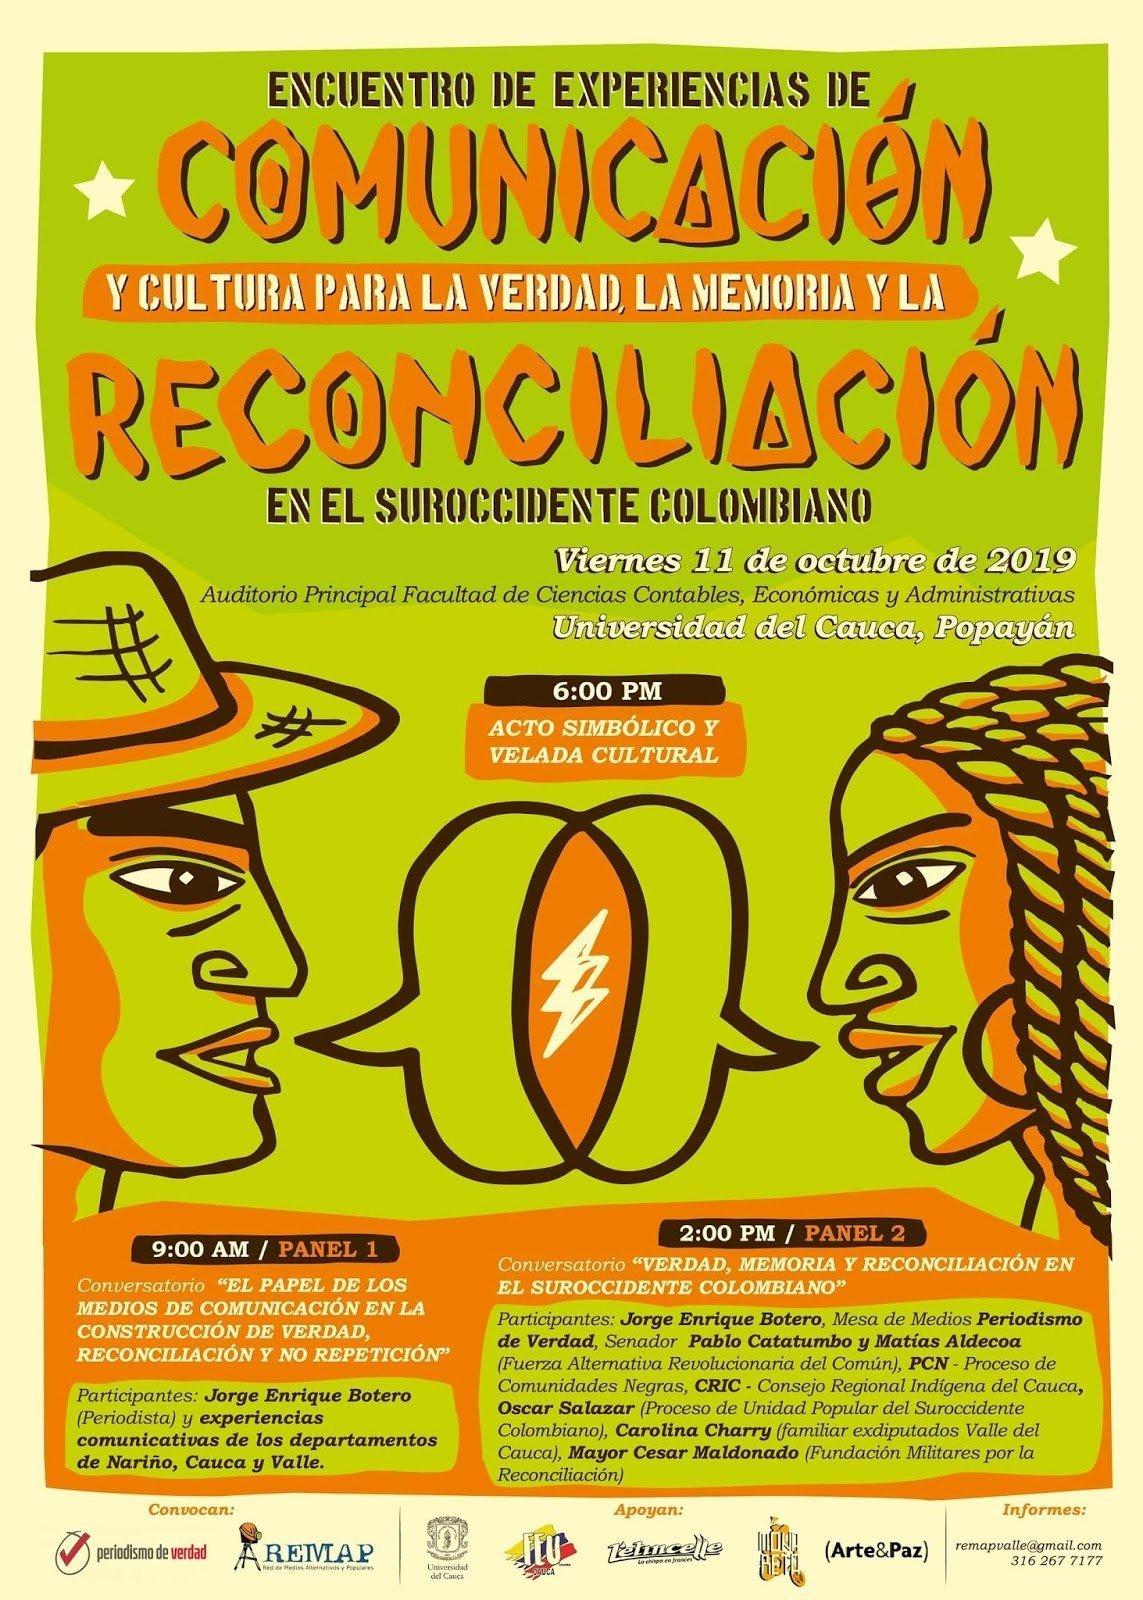 Comunicación y cultura para la verdad en Popayán - Programación-Encuentro-de-experiencias-de-comunicación-y-cultura-para-la-verdad-la-memoria-y-la-reconciliación-en-el-suroccidente-colombiano1